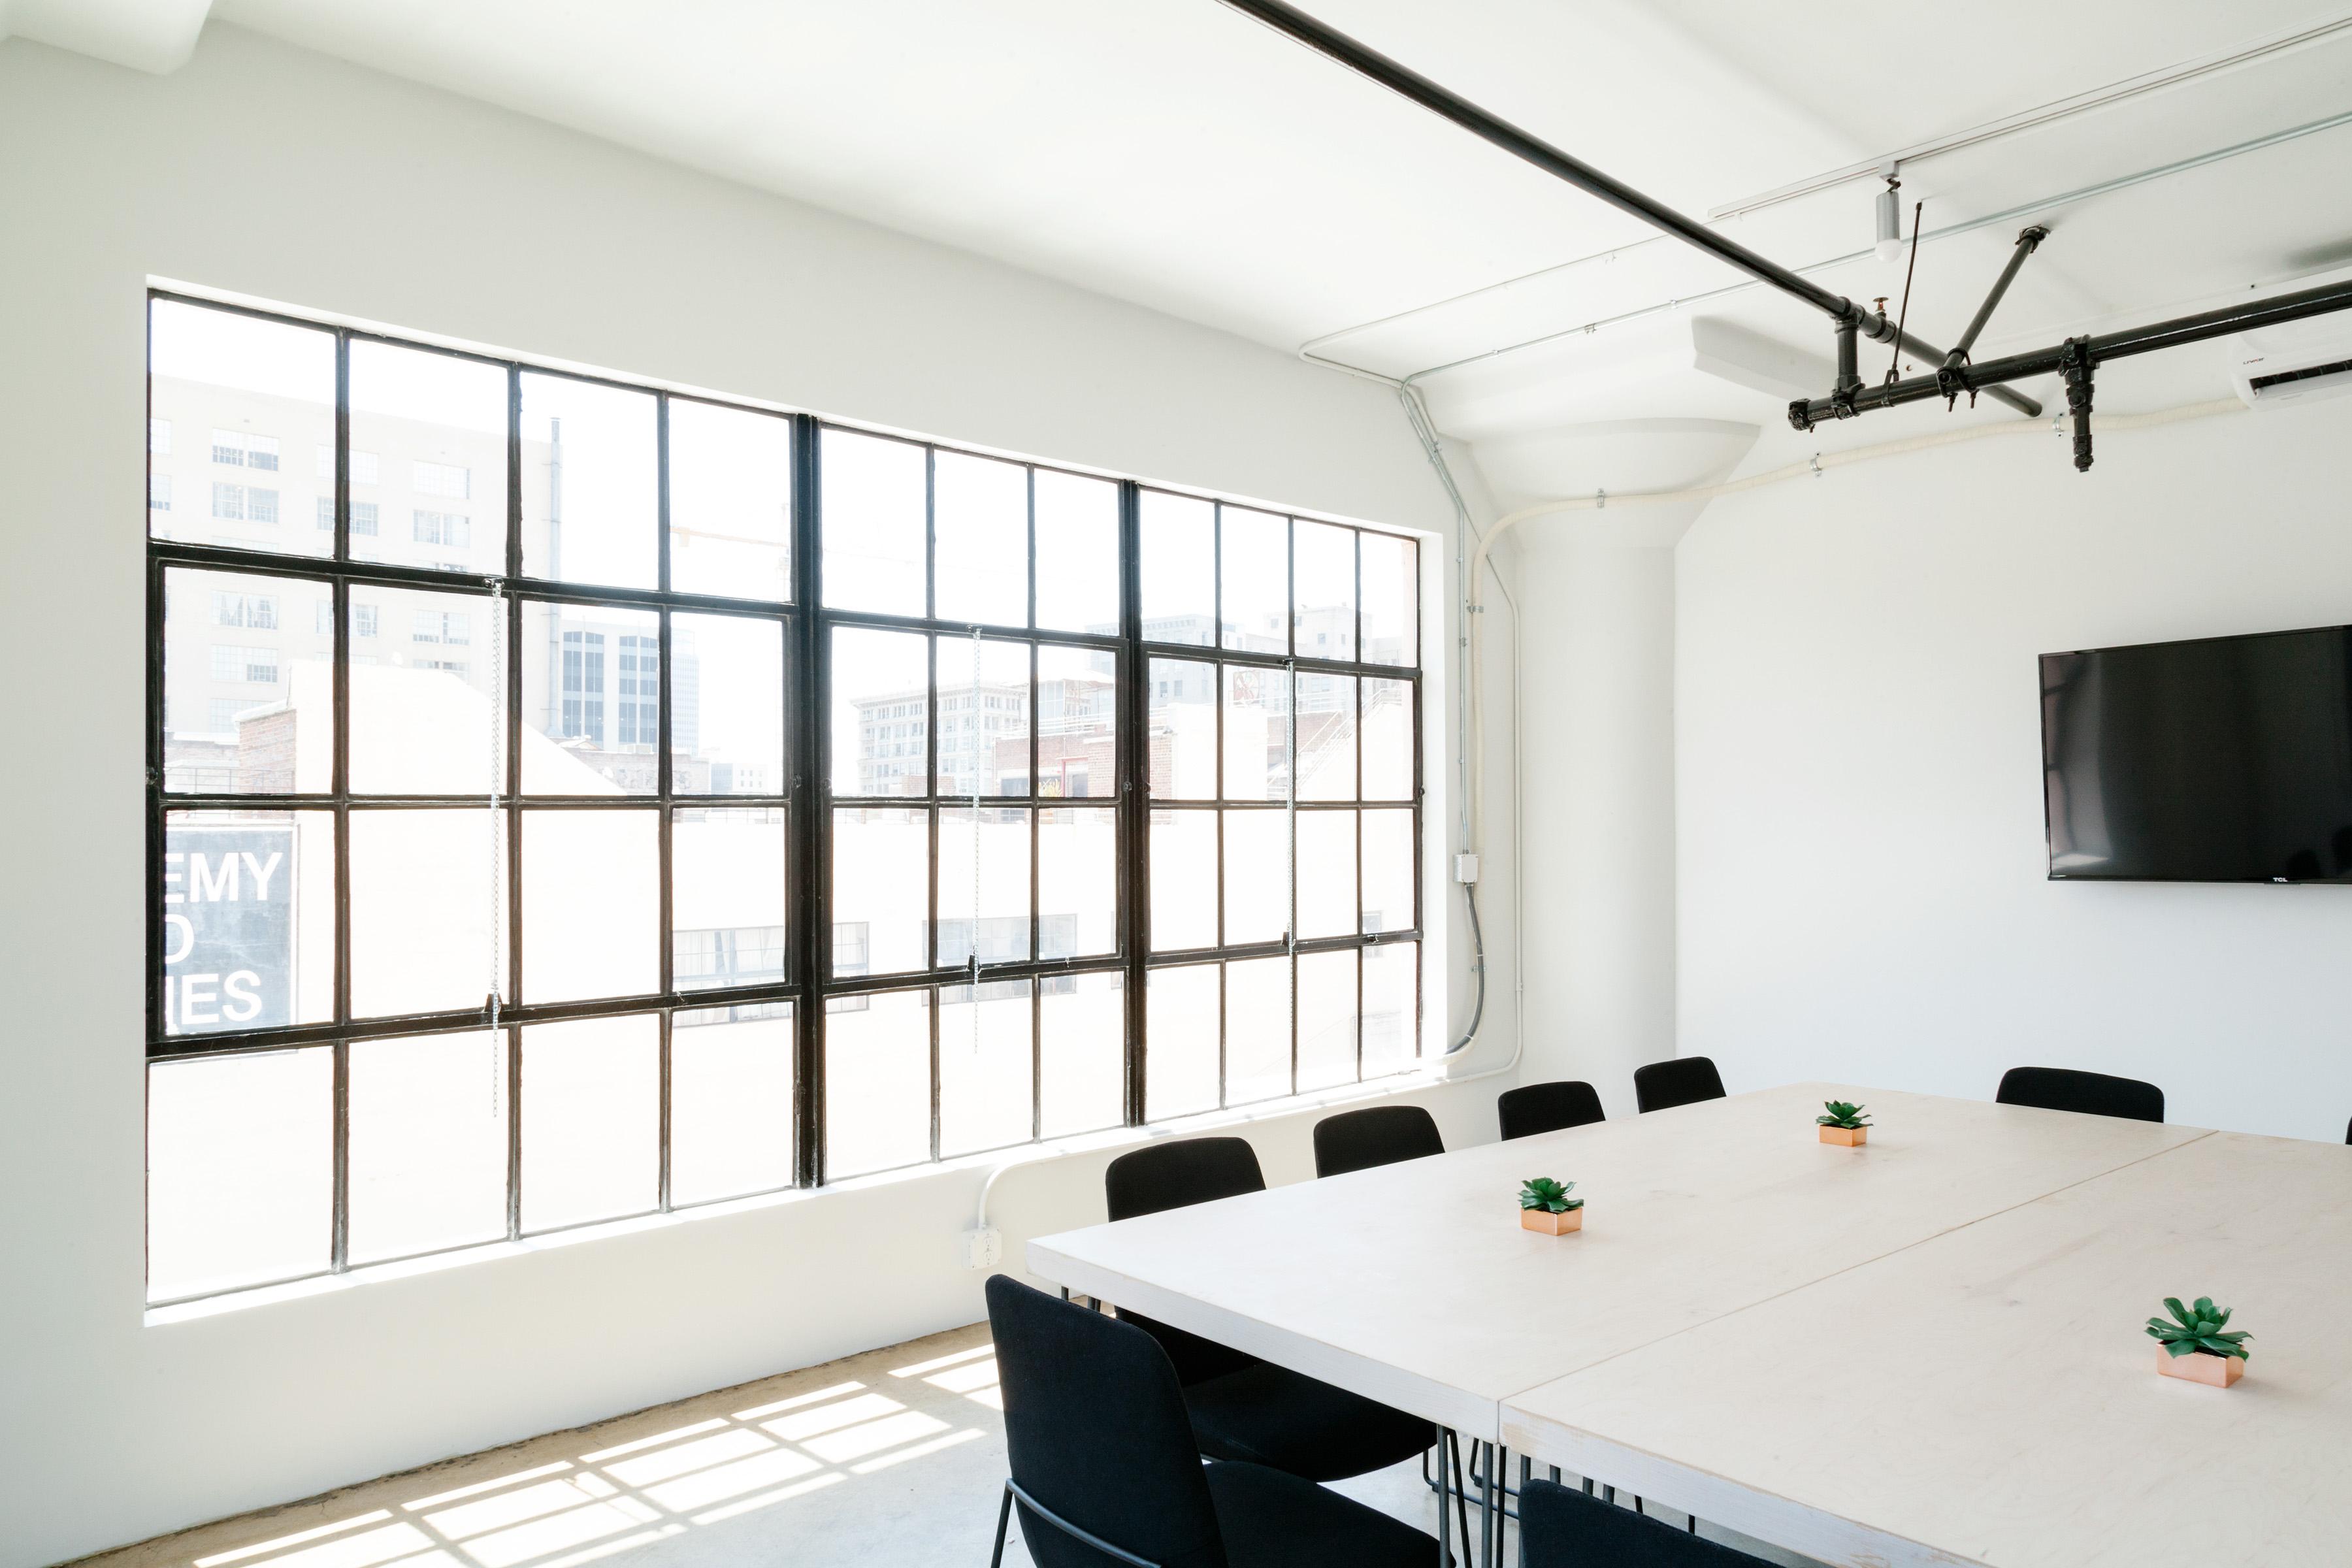 무료 이미지 : 표, 내부, 창문, 집, 천장, 로프트, 사무실, 재산 ...